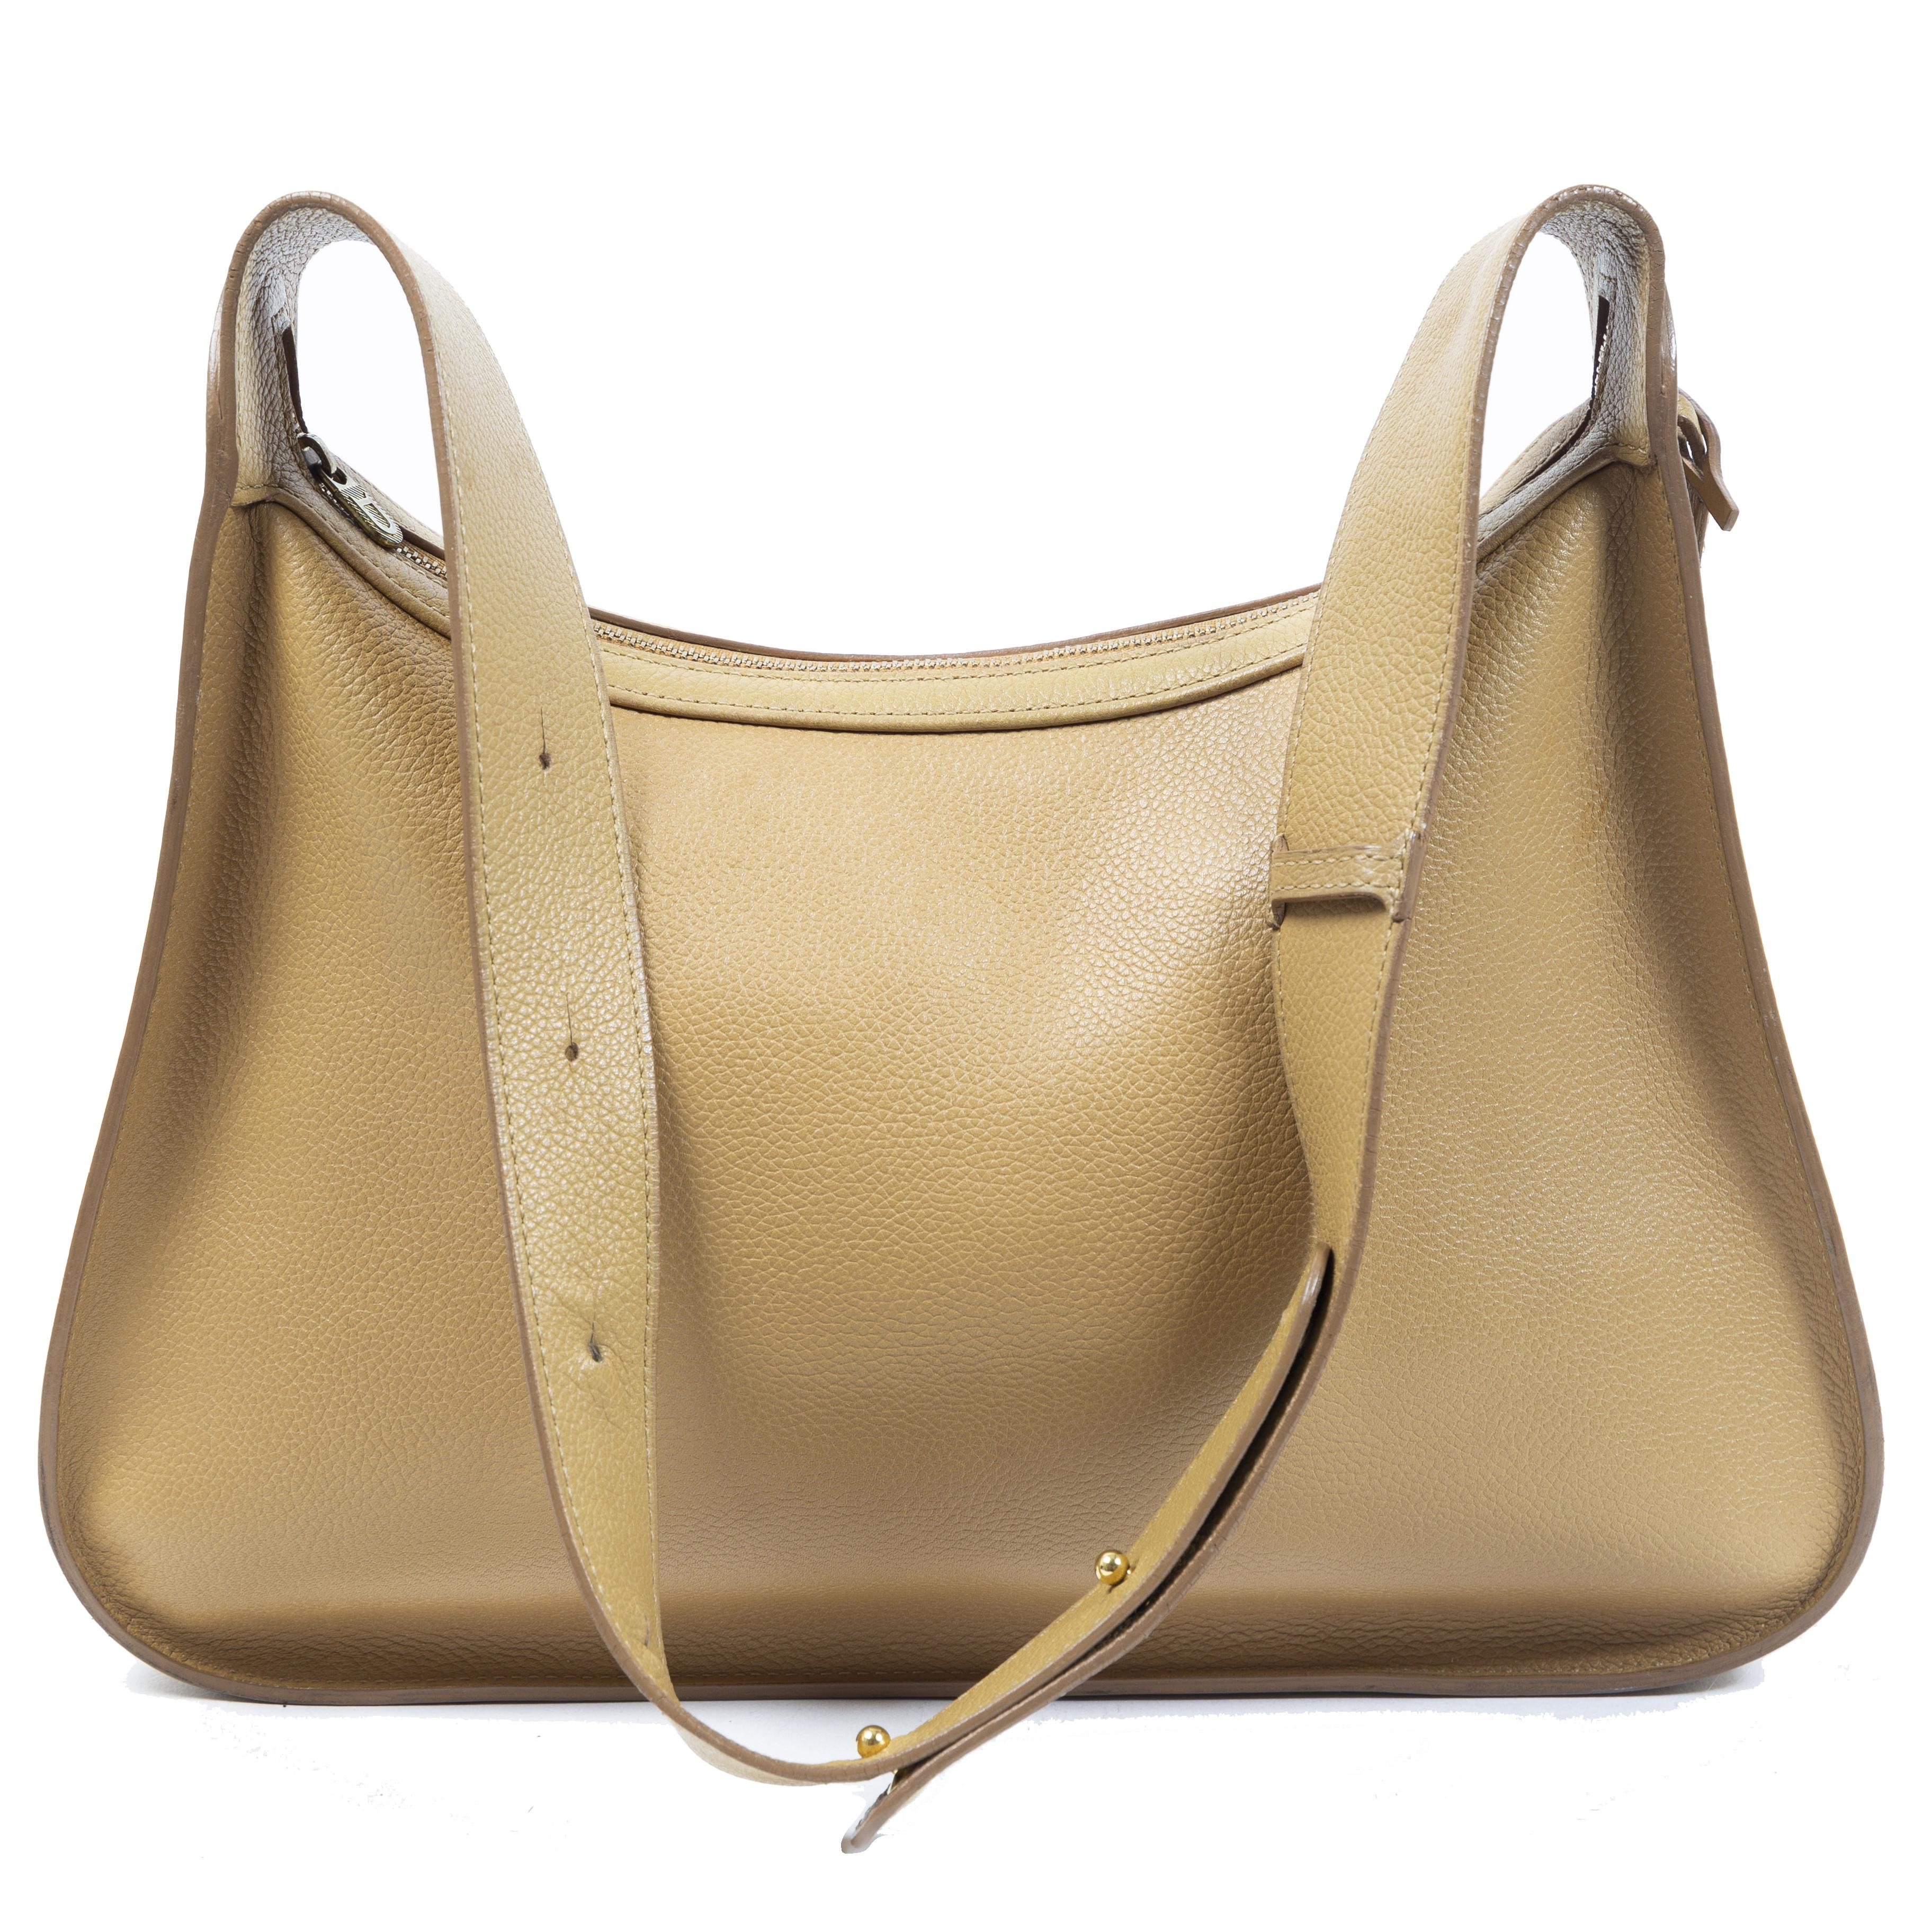 Authentieke Tweedehands Delvaux Yellow Shoulder Bag juiste prijs veilig online shoppen luxe merken webshop winkelen Antwerpen België mode fashion